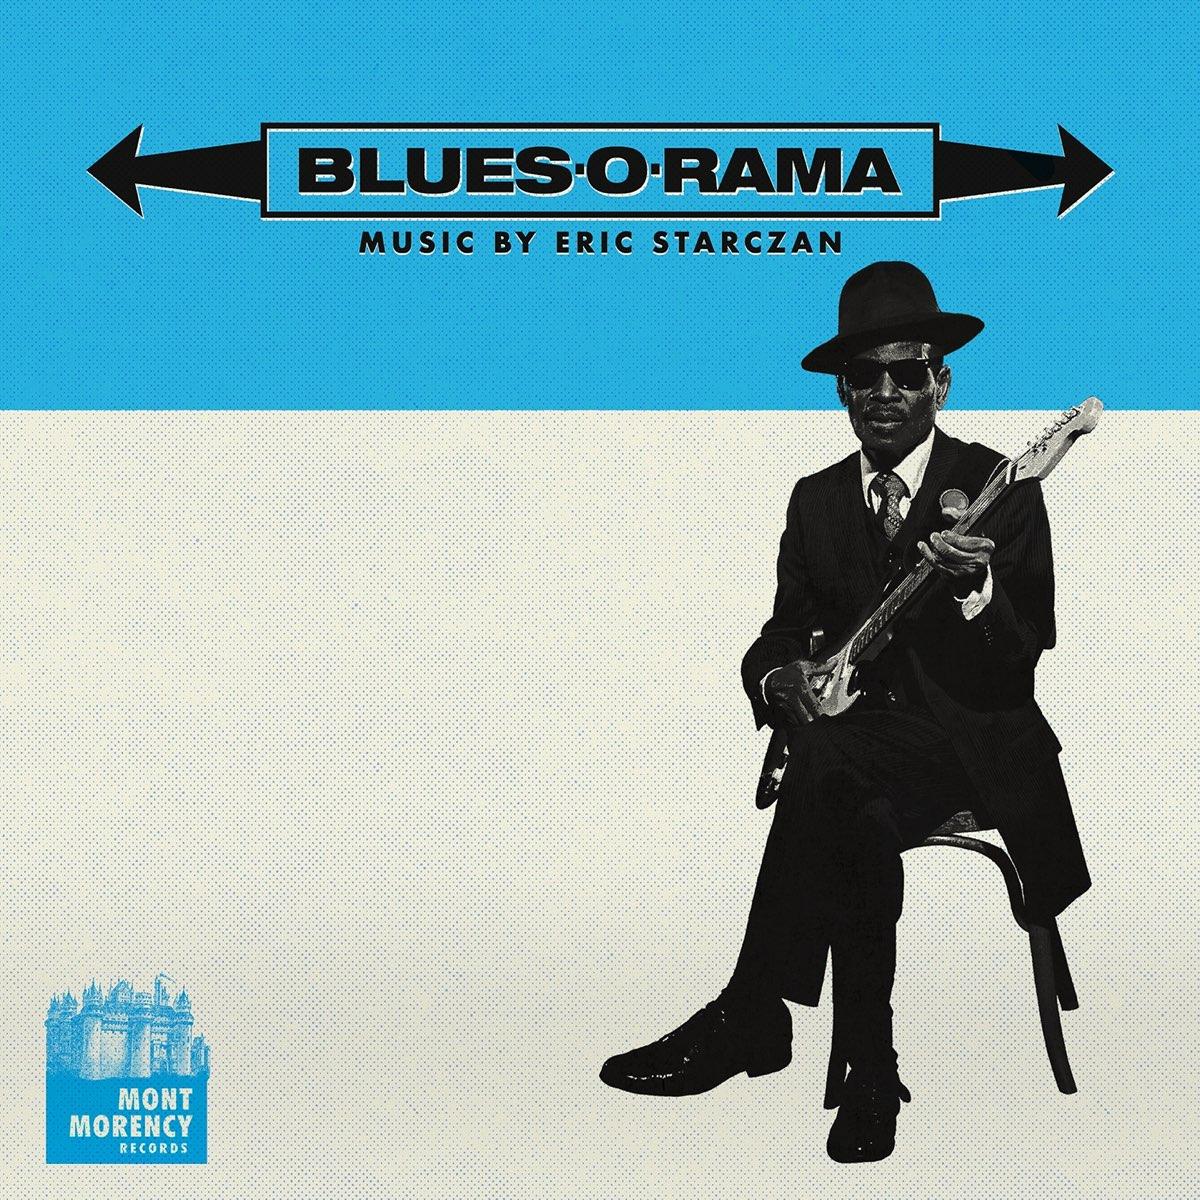 Eric Starczan - Blues-O-Rama